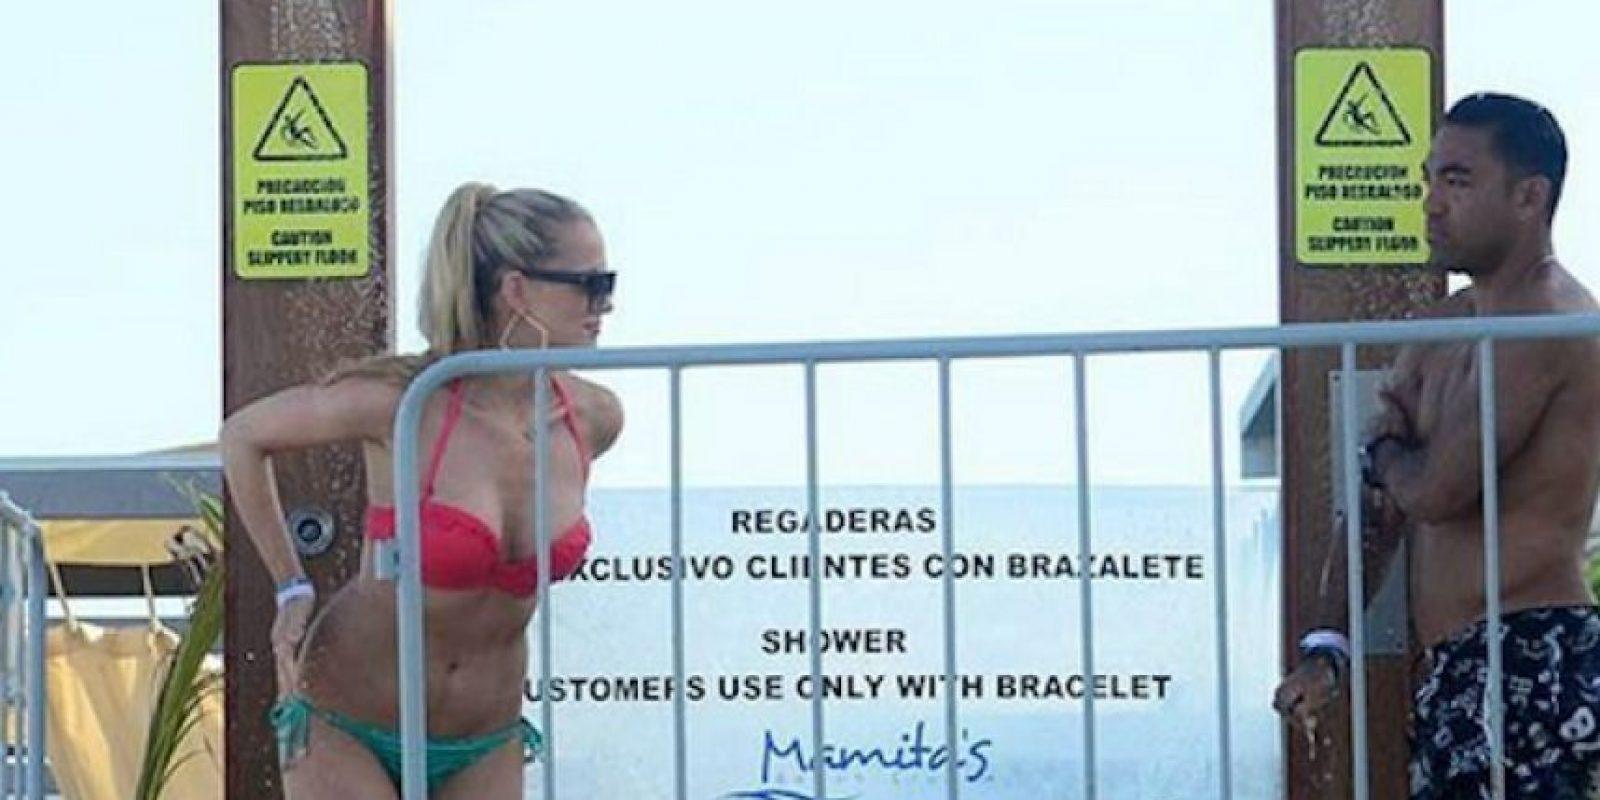 El futbolista mexicano y su guapa novia estuvieron en Playa del Carmen. Foto:Twitter